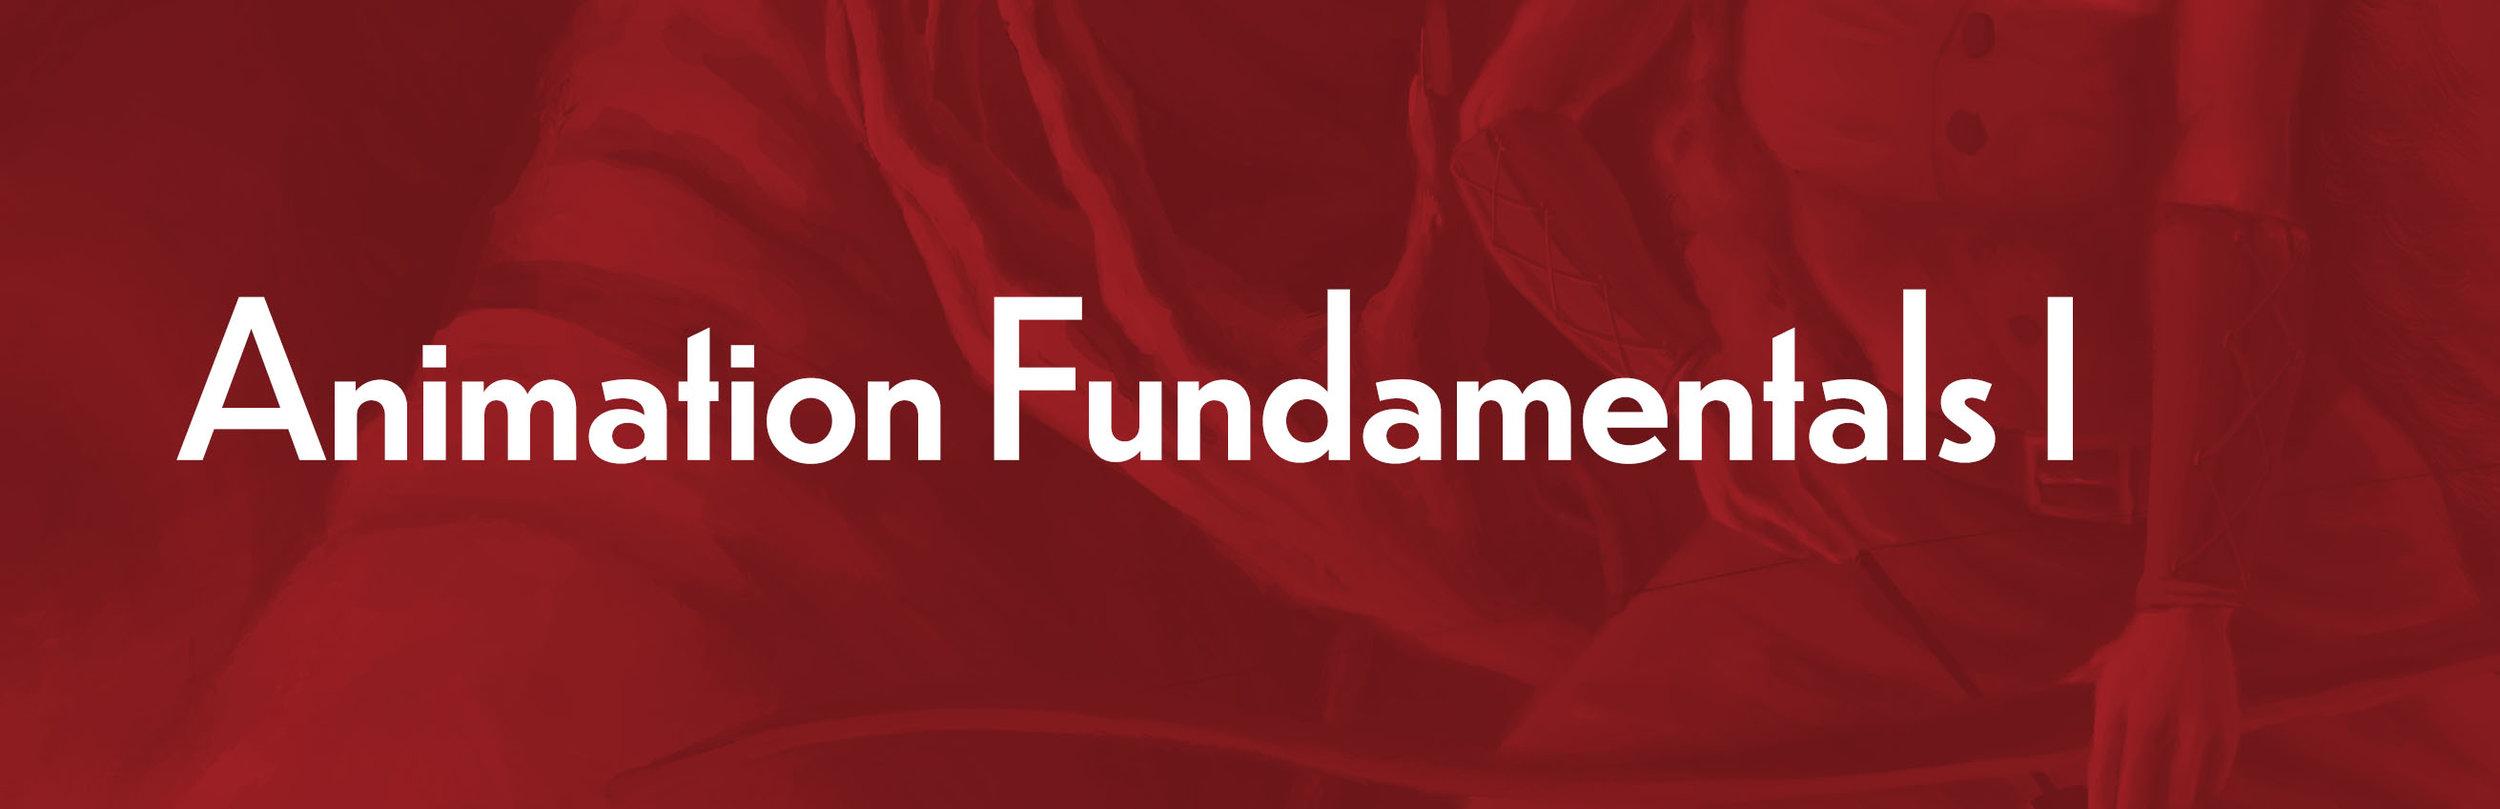 Animation Fundamentals I - Header 2019.jpg